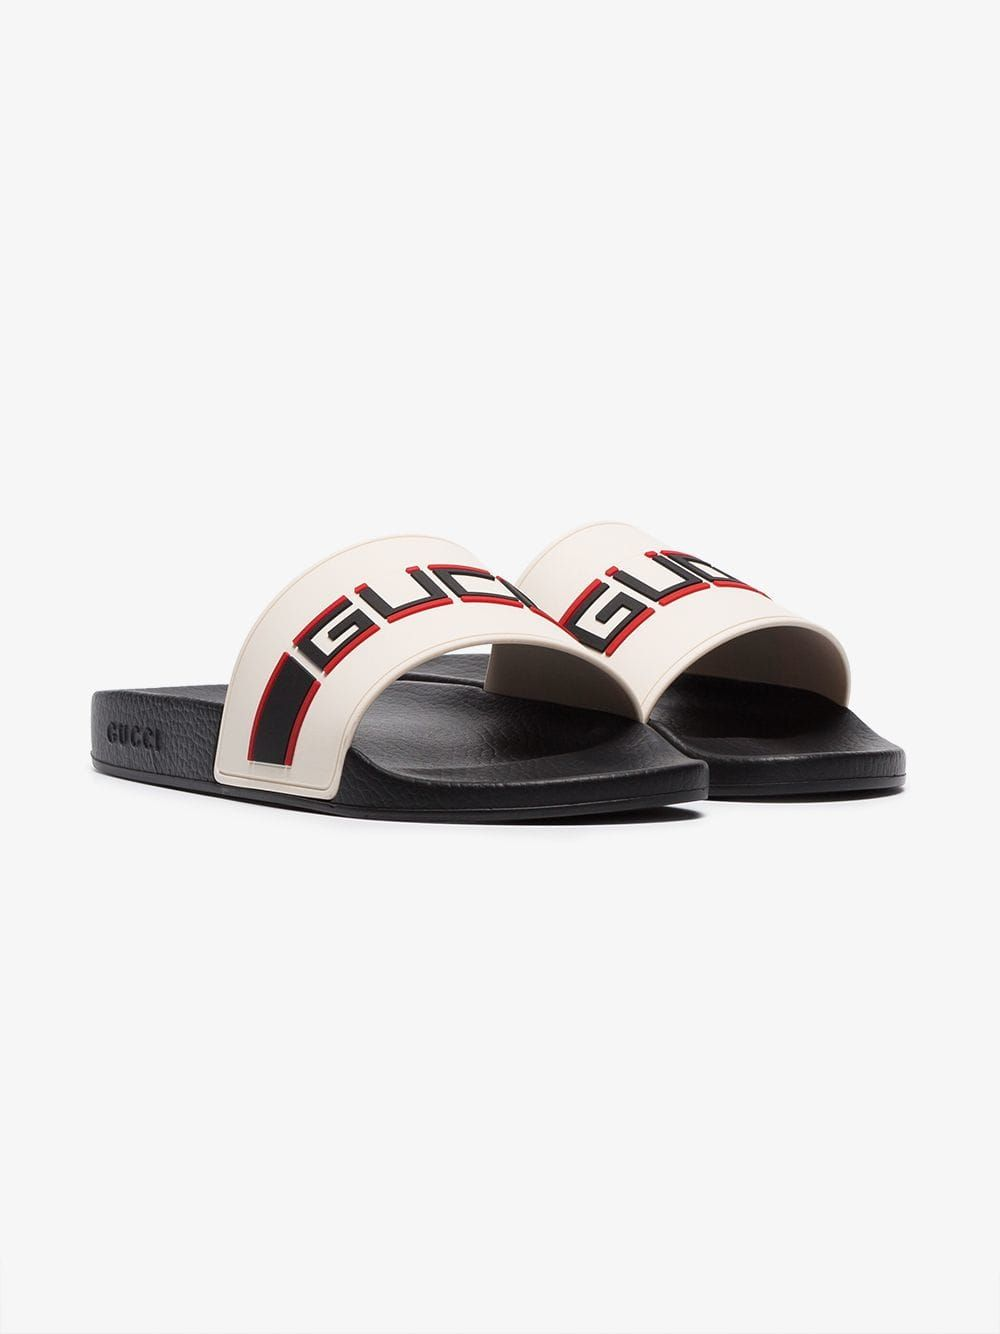 627f50fd7527eb GUCCI GUCCI GCCI PURSUIT SNDLS WHT.  gucci  shoes